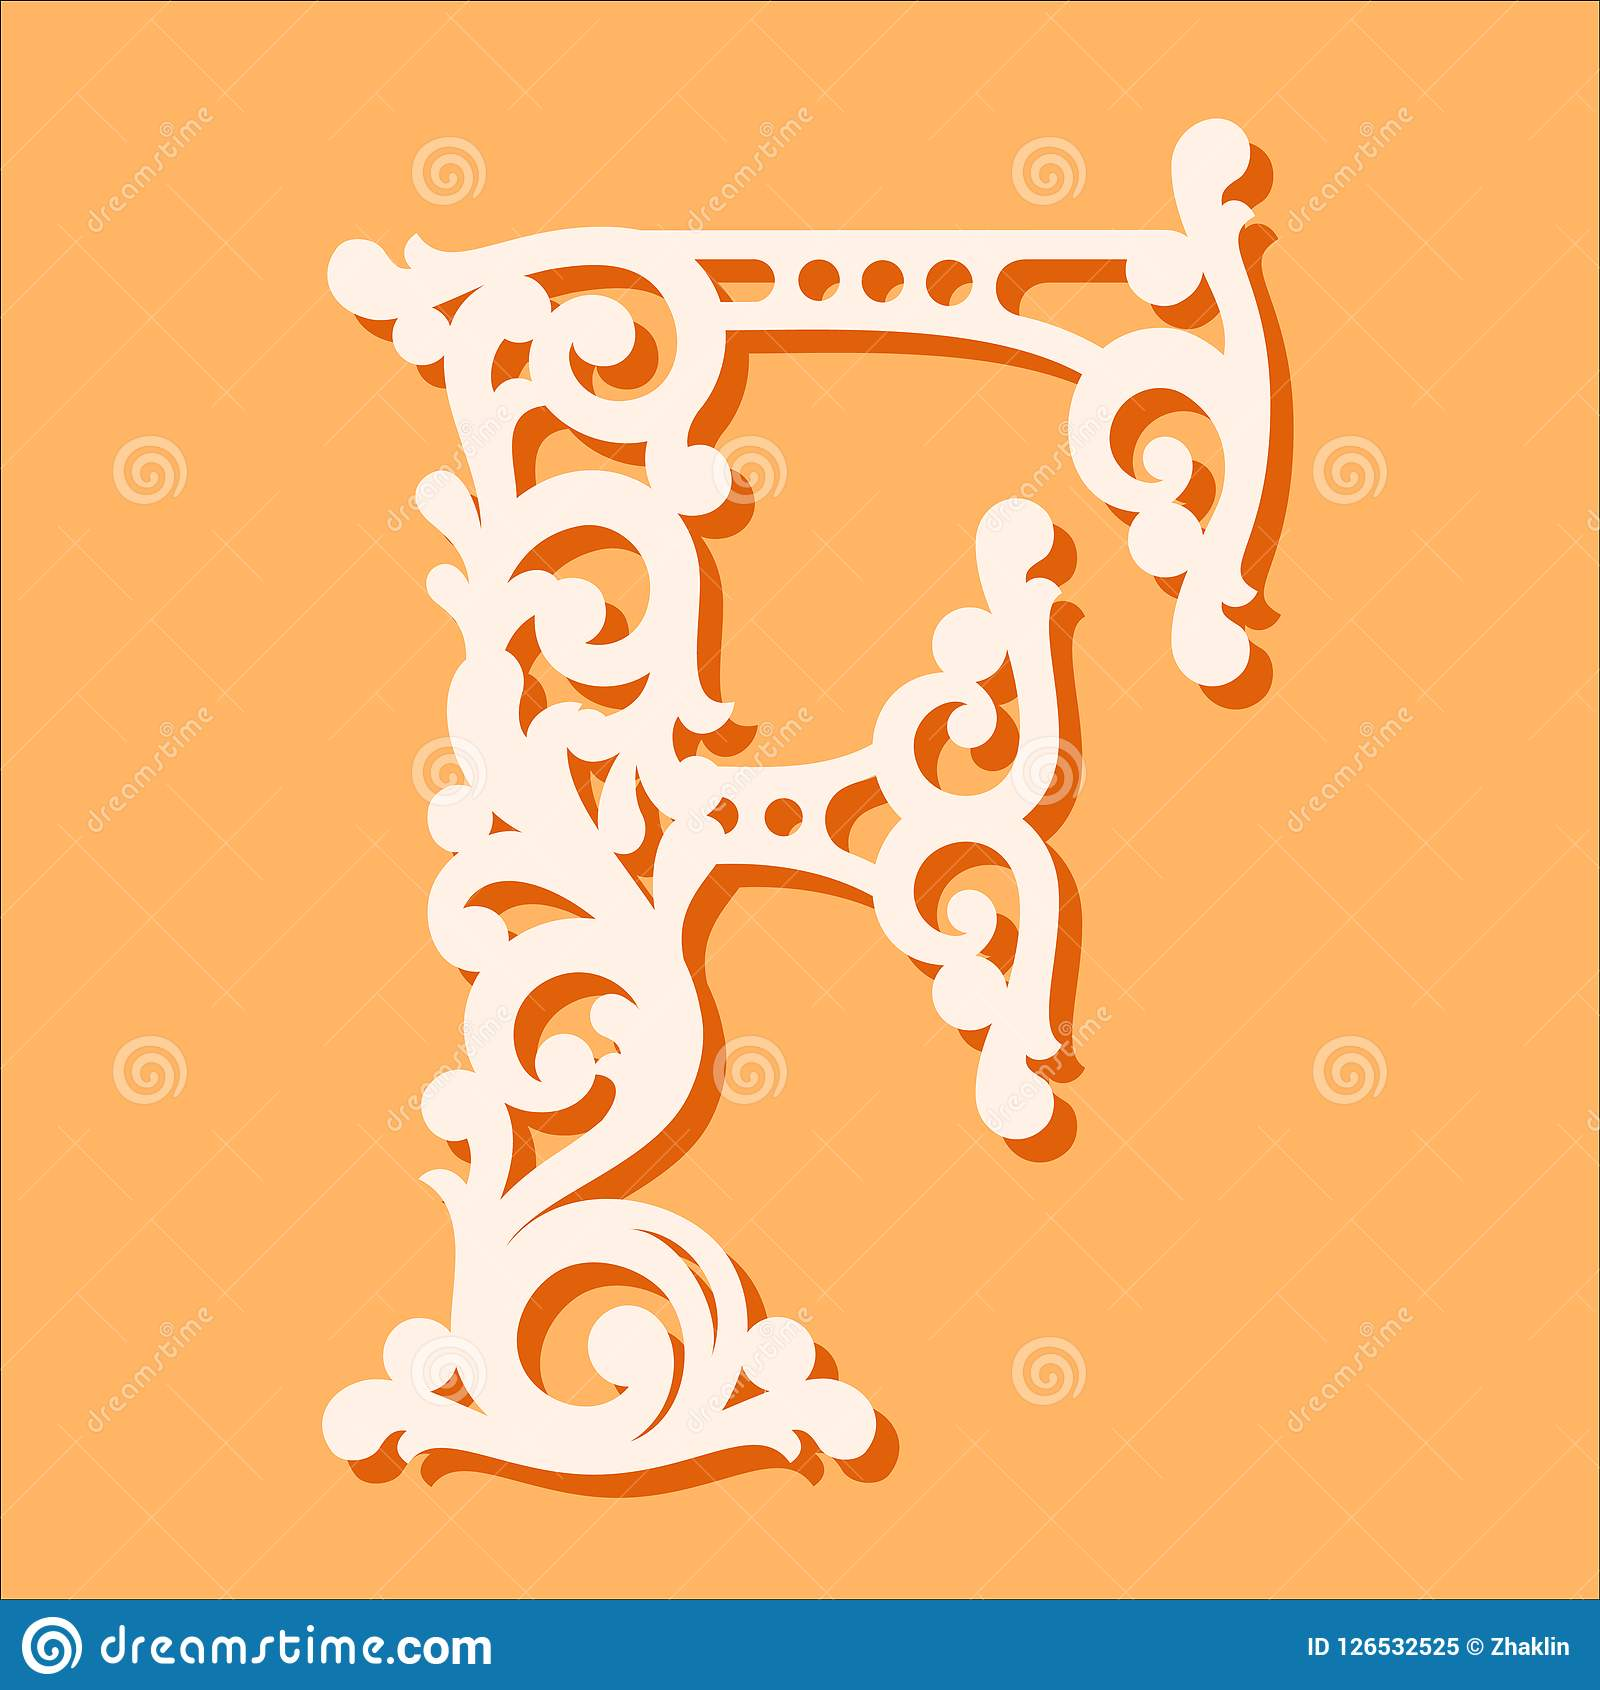 Πρότυπο περικοπών λέιζερ Αρχικές επιστολές μονογραμμάτων Φανταχτερή floral επιστολή αλφάβητου